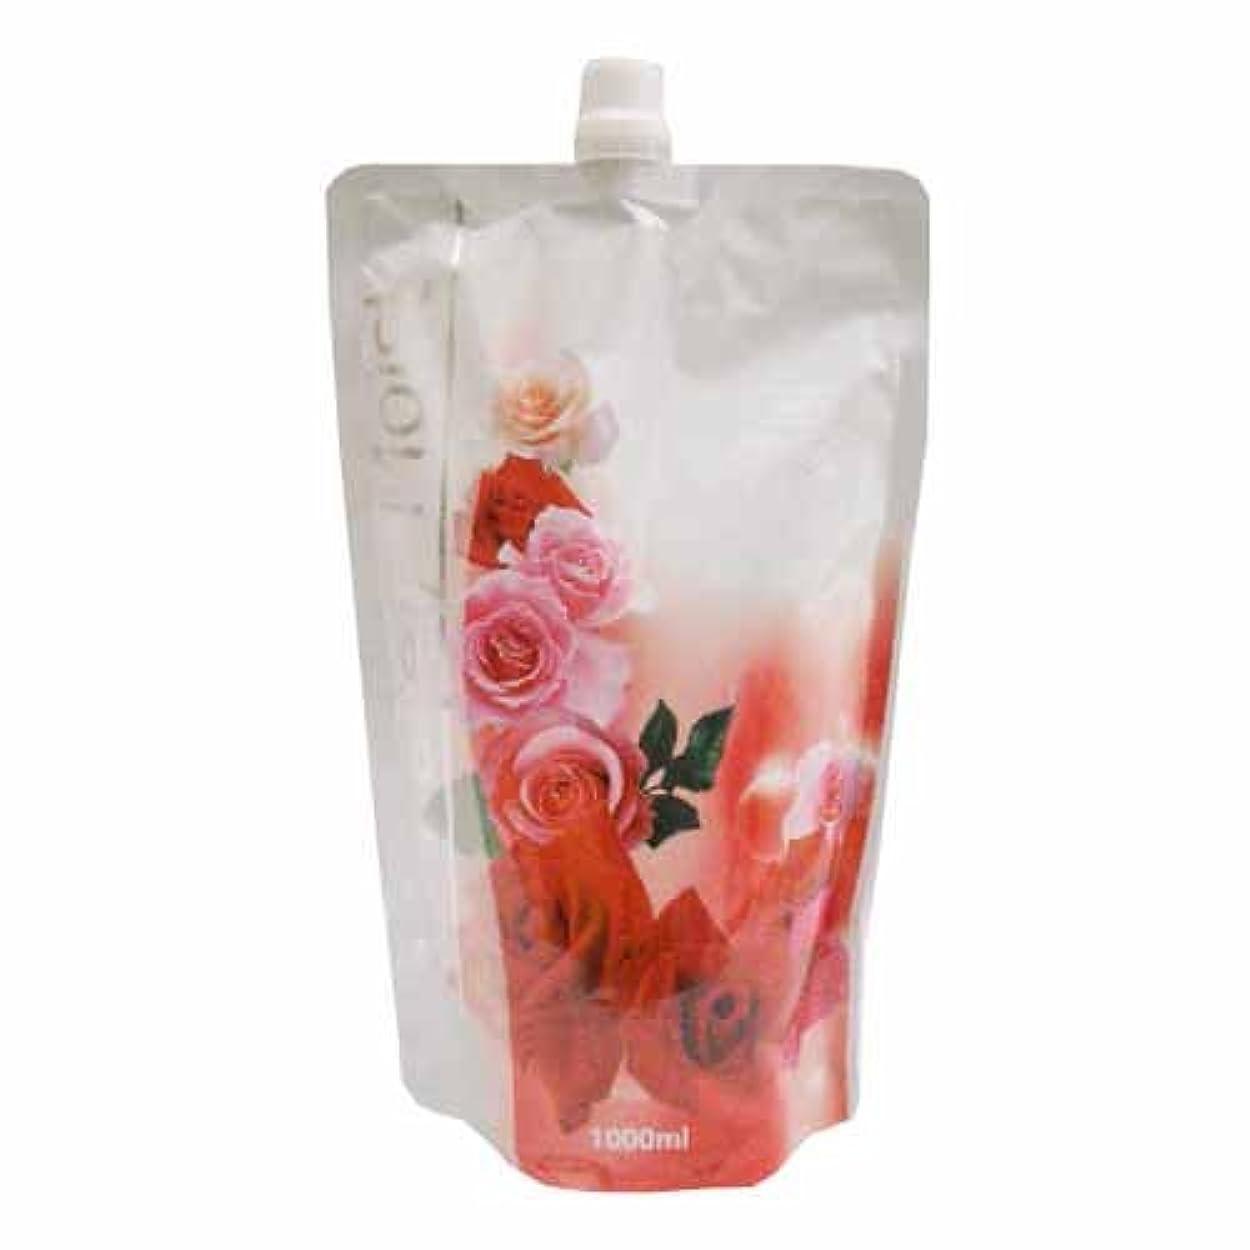 弾力性のある体細胞貢献するコーナンオリジナル Purely Moist ボディソープ ブルガリアンローズの香り つめかえ用 1000ml